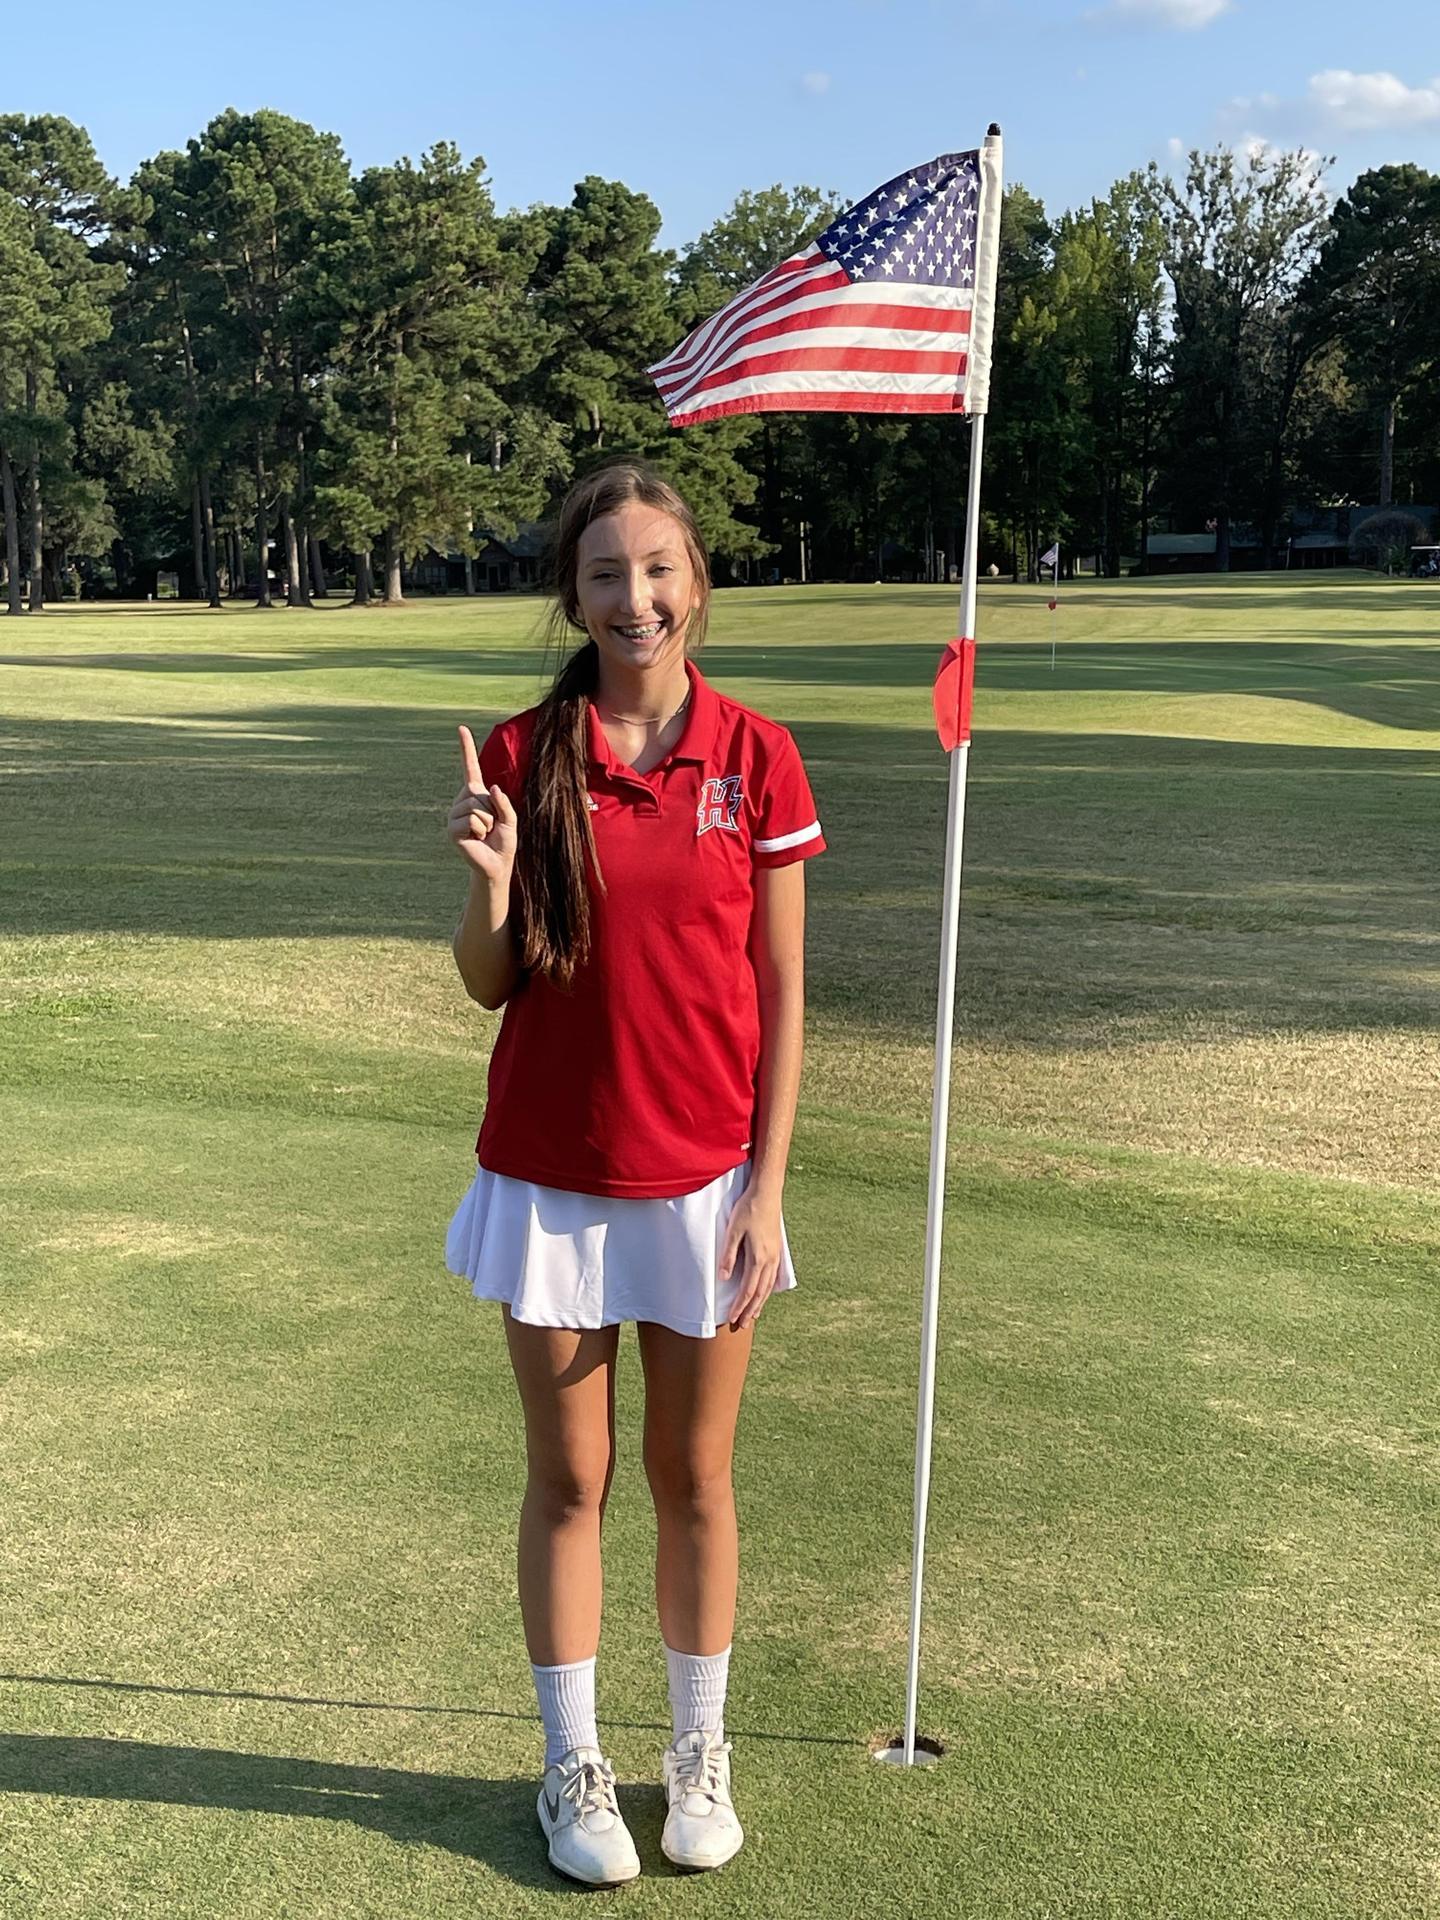 A golf girl